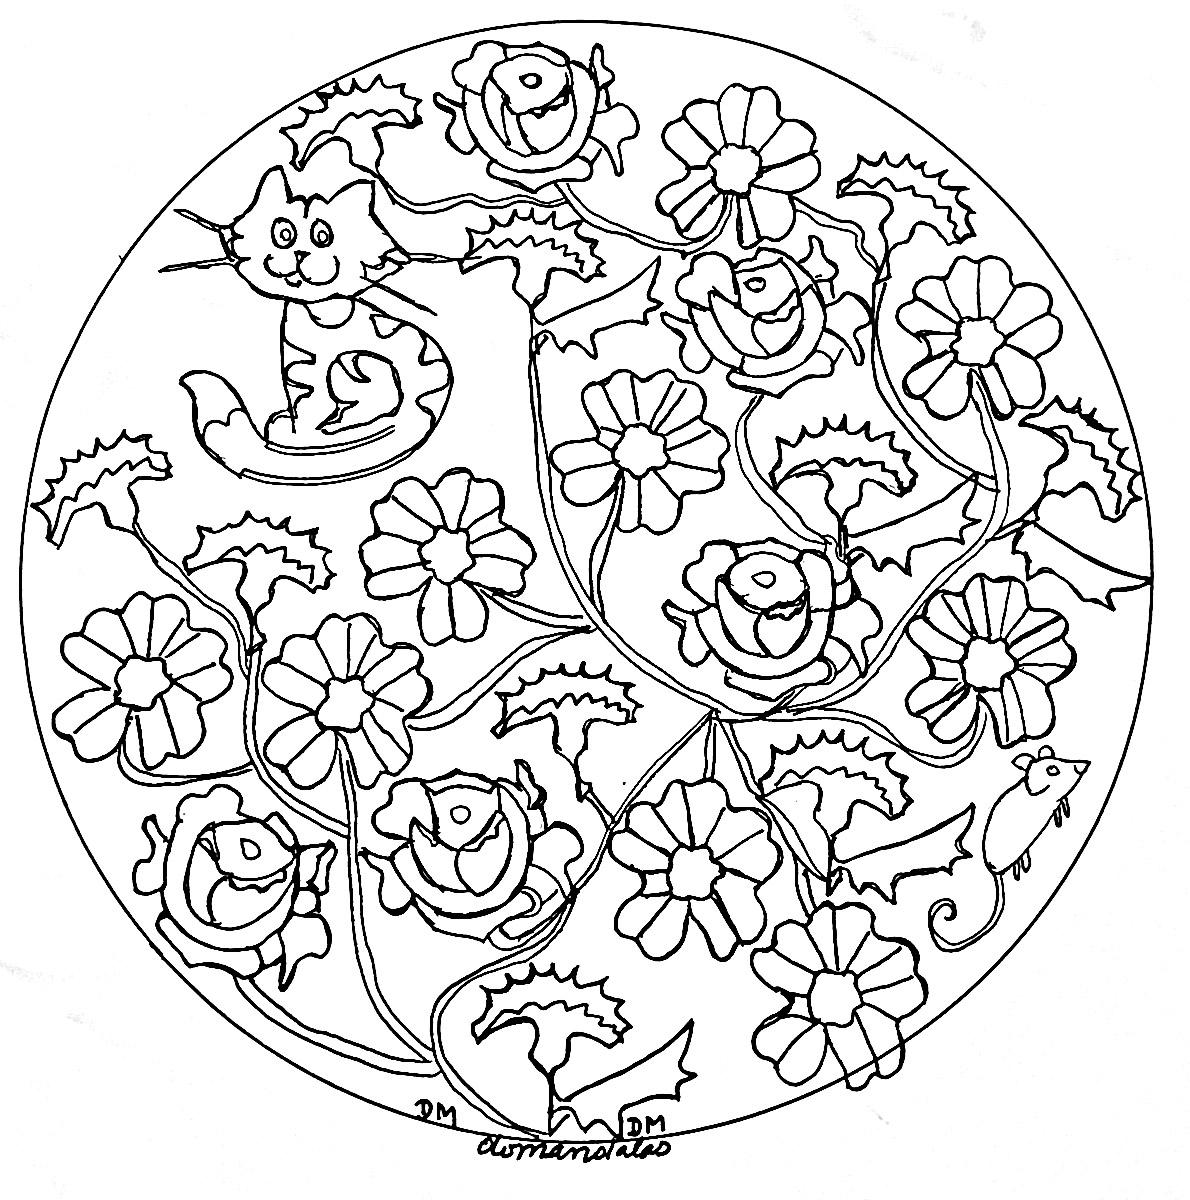 Disegni da colorare per adulti : Mandalas - 189